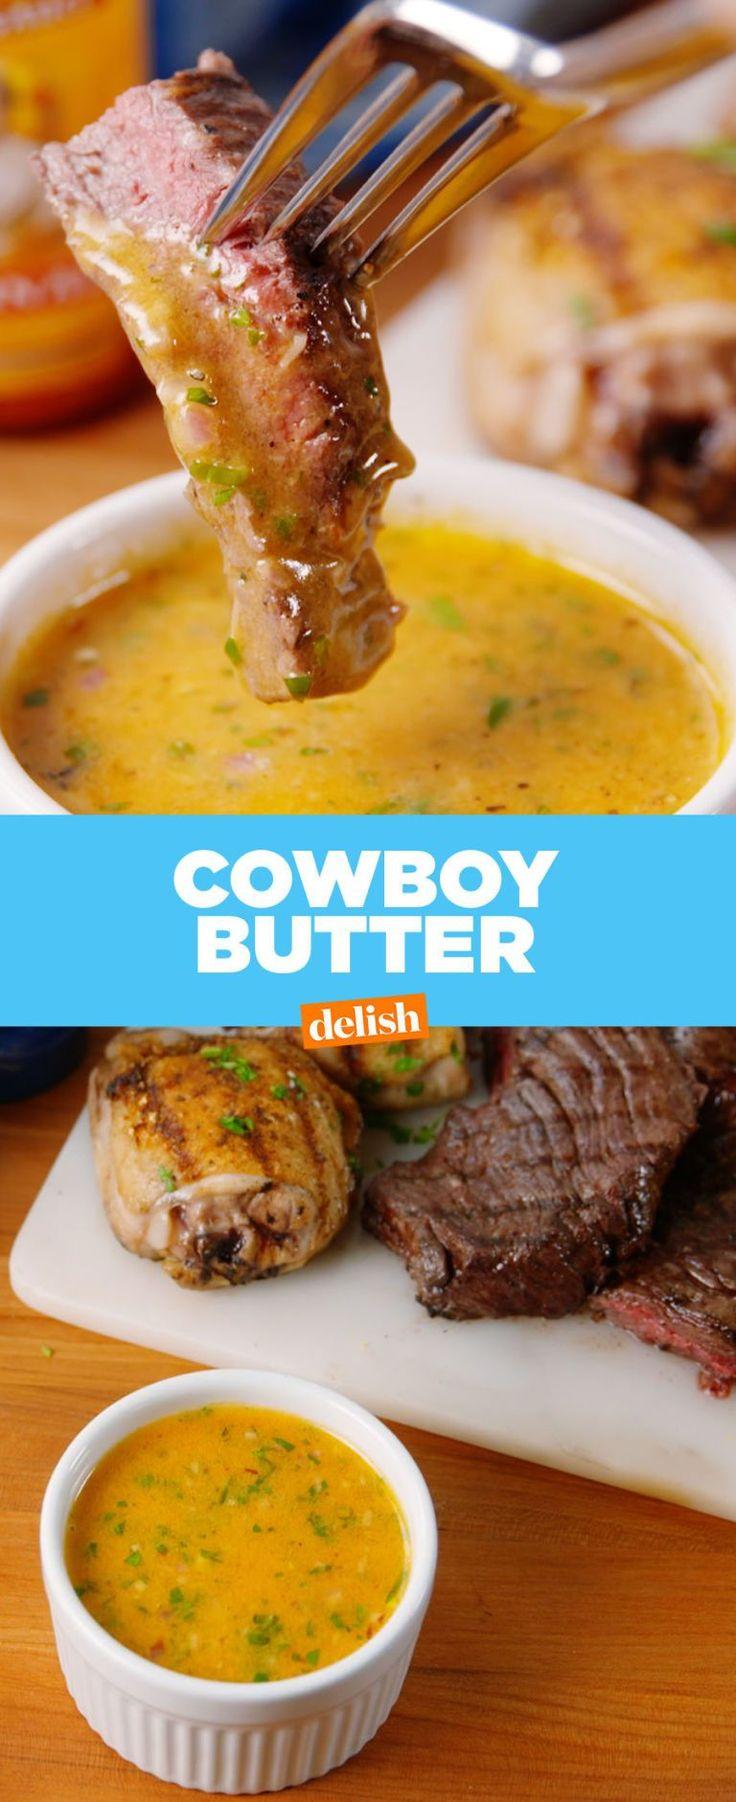 Cowboy Butter  - Delish.com